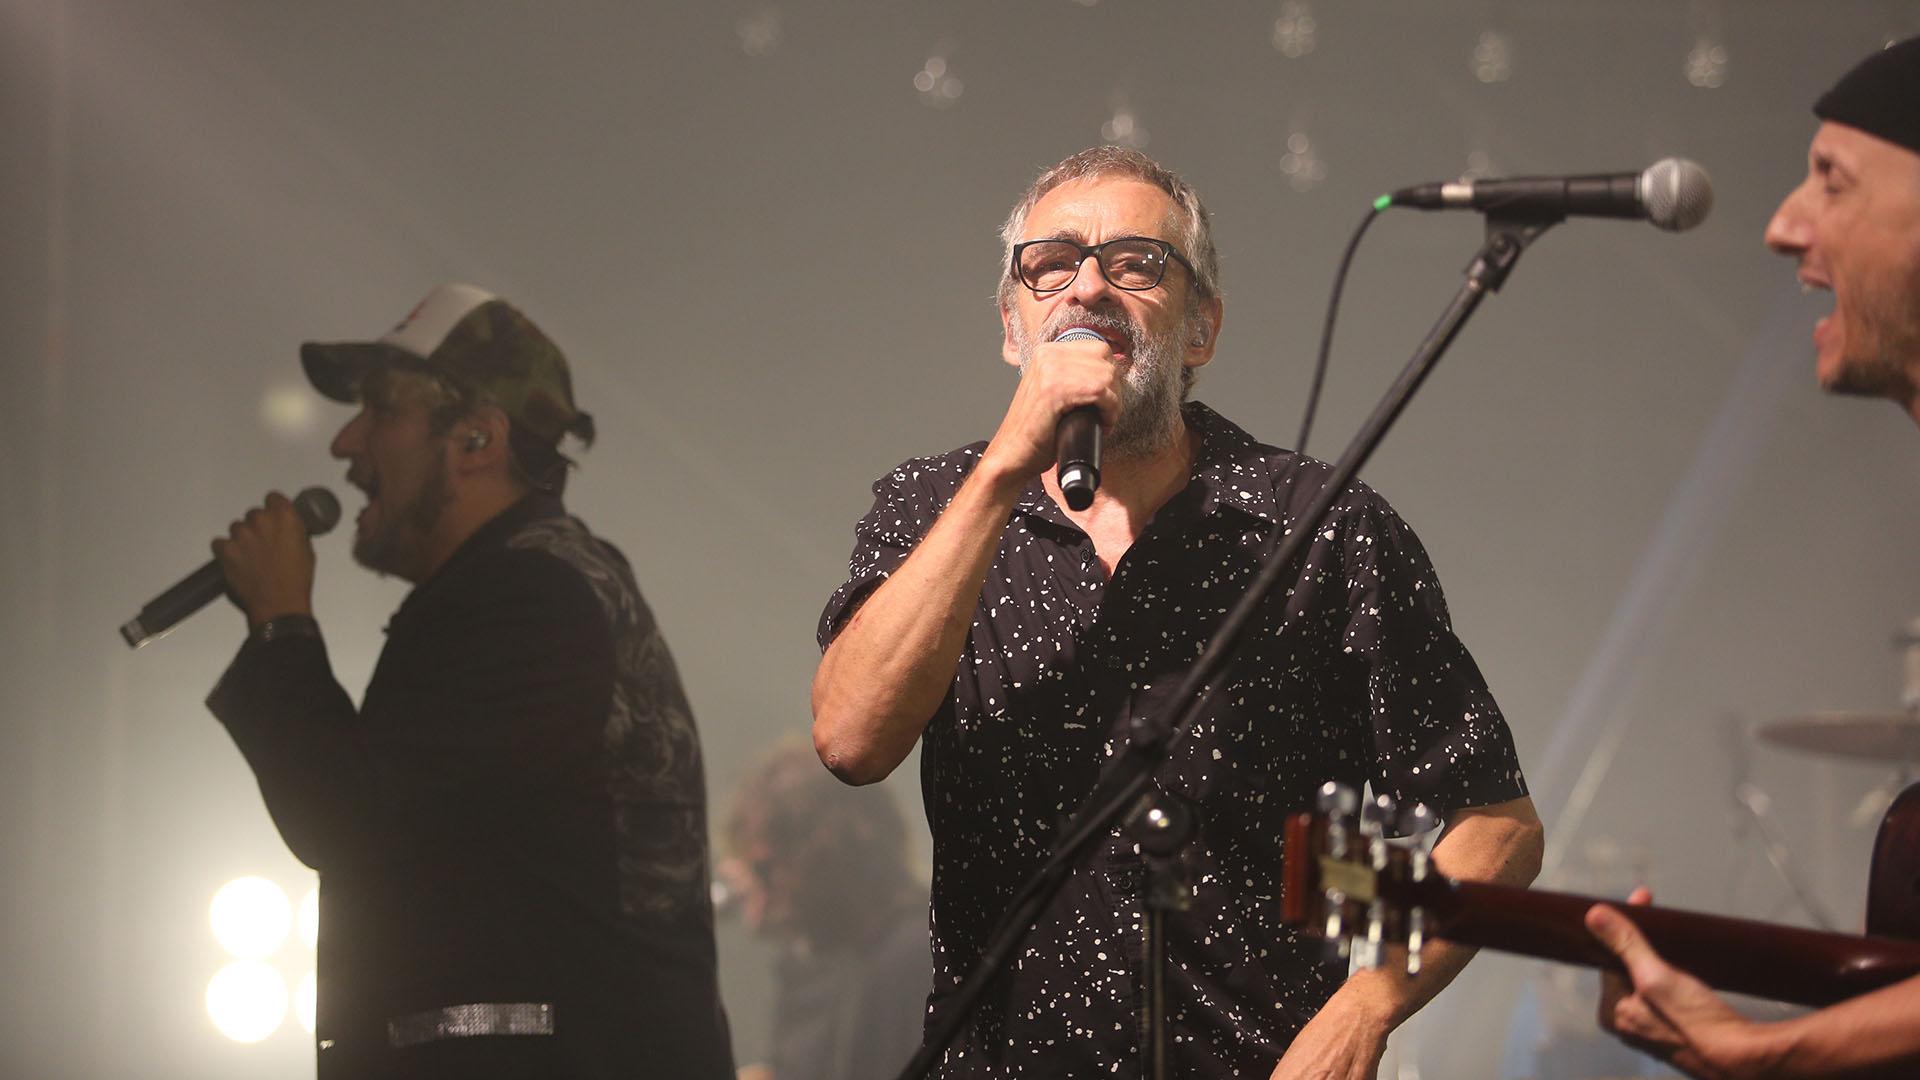 Los Auténticos Decadentes levantaron la fiesta del Cosquín Rock con su kermesse unplugged musicalizada por una catarata de hits reversionados (Mario Sar)